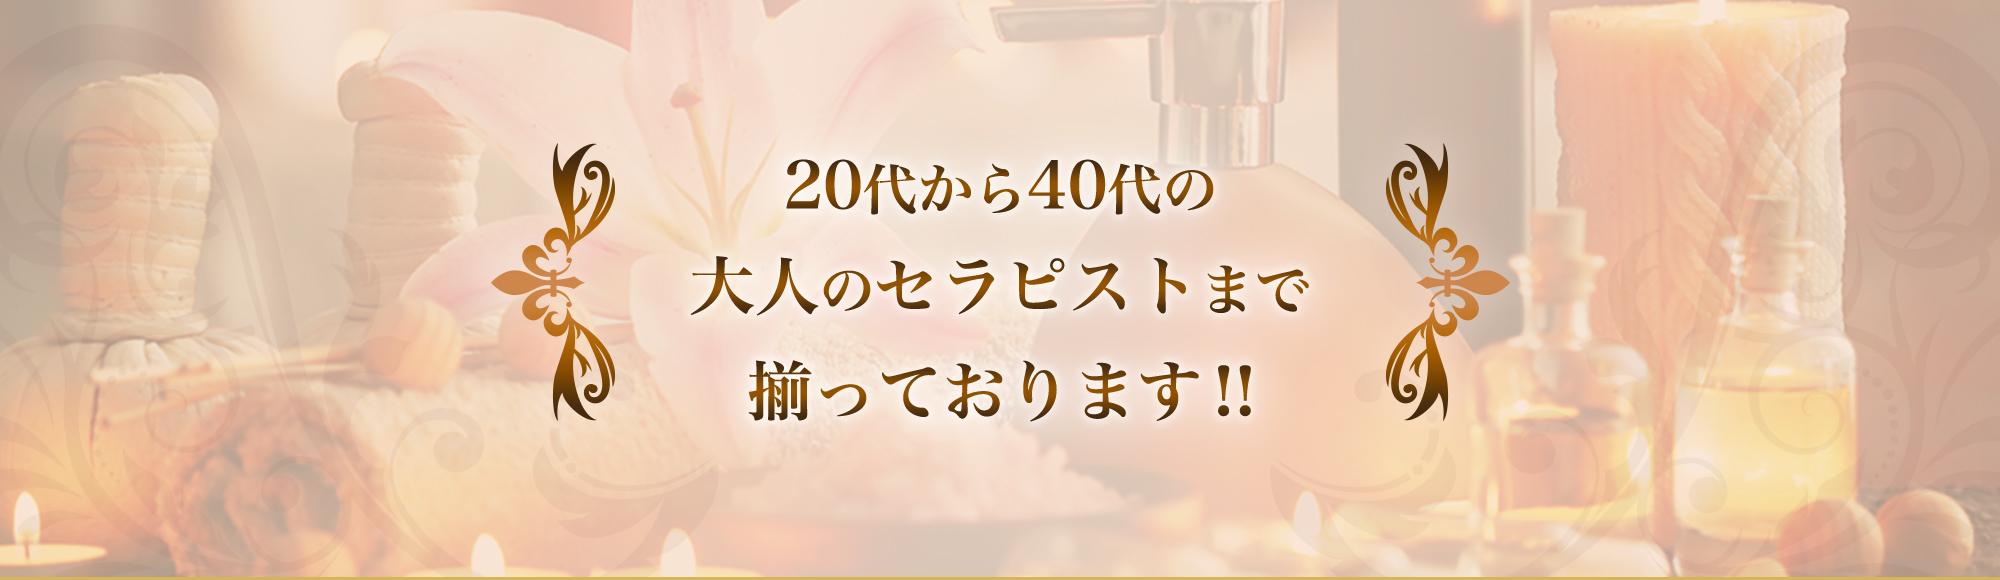 京都 個室メンズエステ「ORIENTAL.SPA-オリエンタルスパ」のイベントバナー05